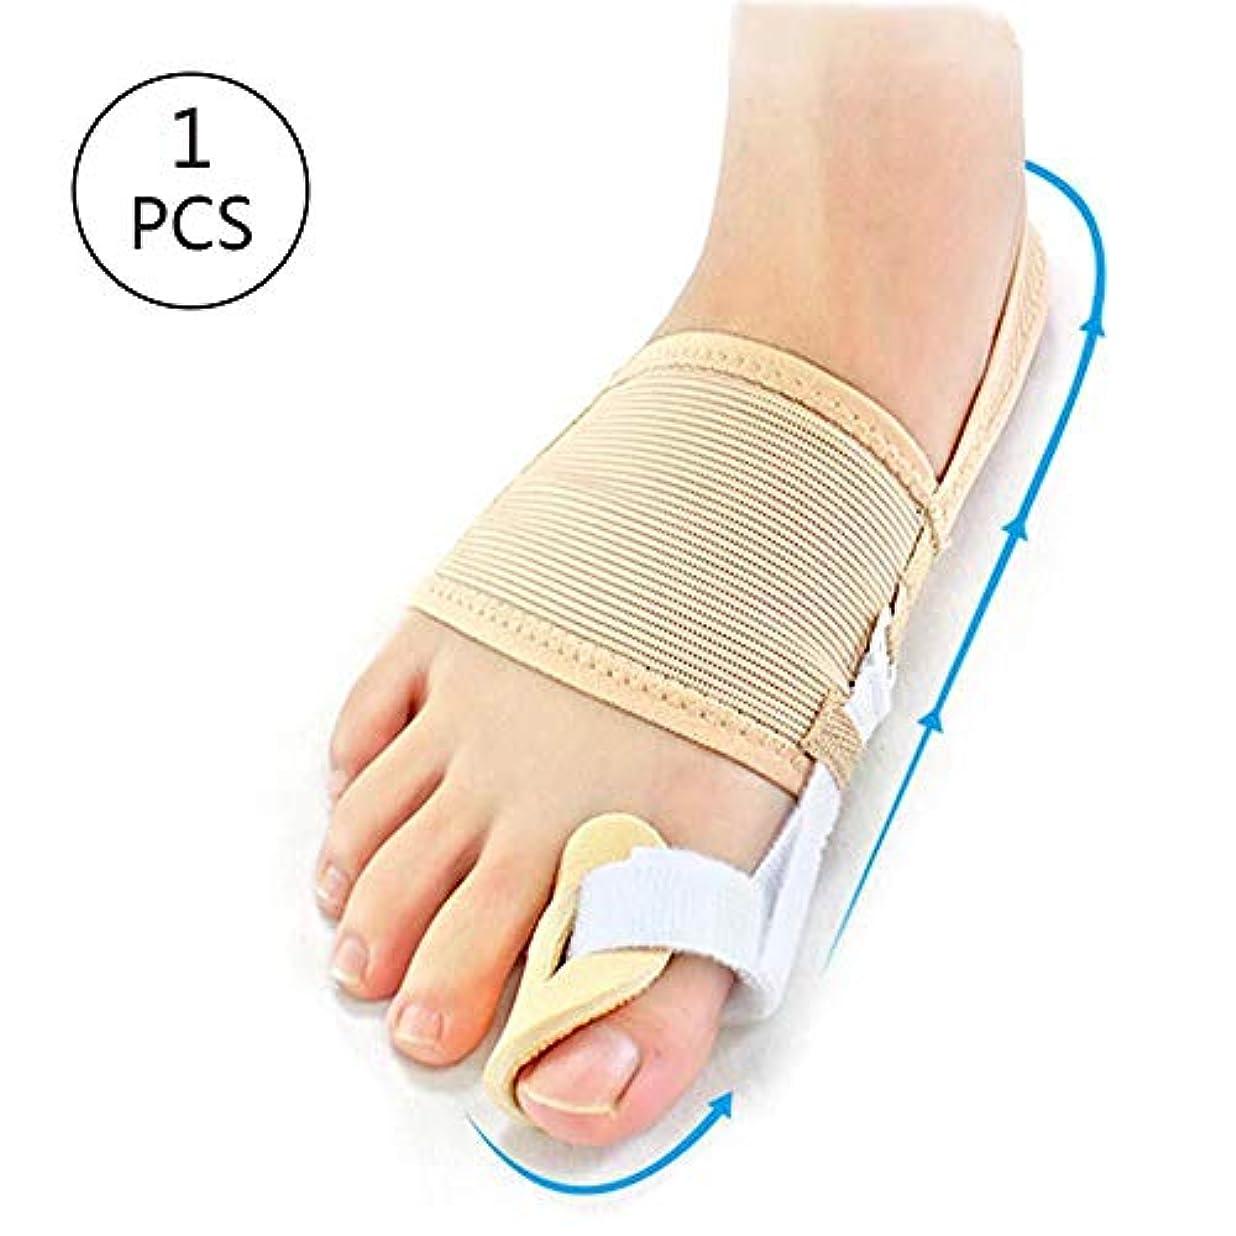 シネウィビヨン輝く外反母tho、外反母、ナイトスプリント、足の親指、矯正、矯正、足指、整形外科、痛みの緩和とサポート(1)ユニバーサル